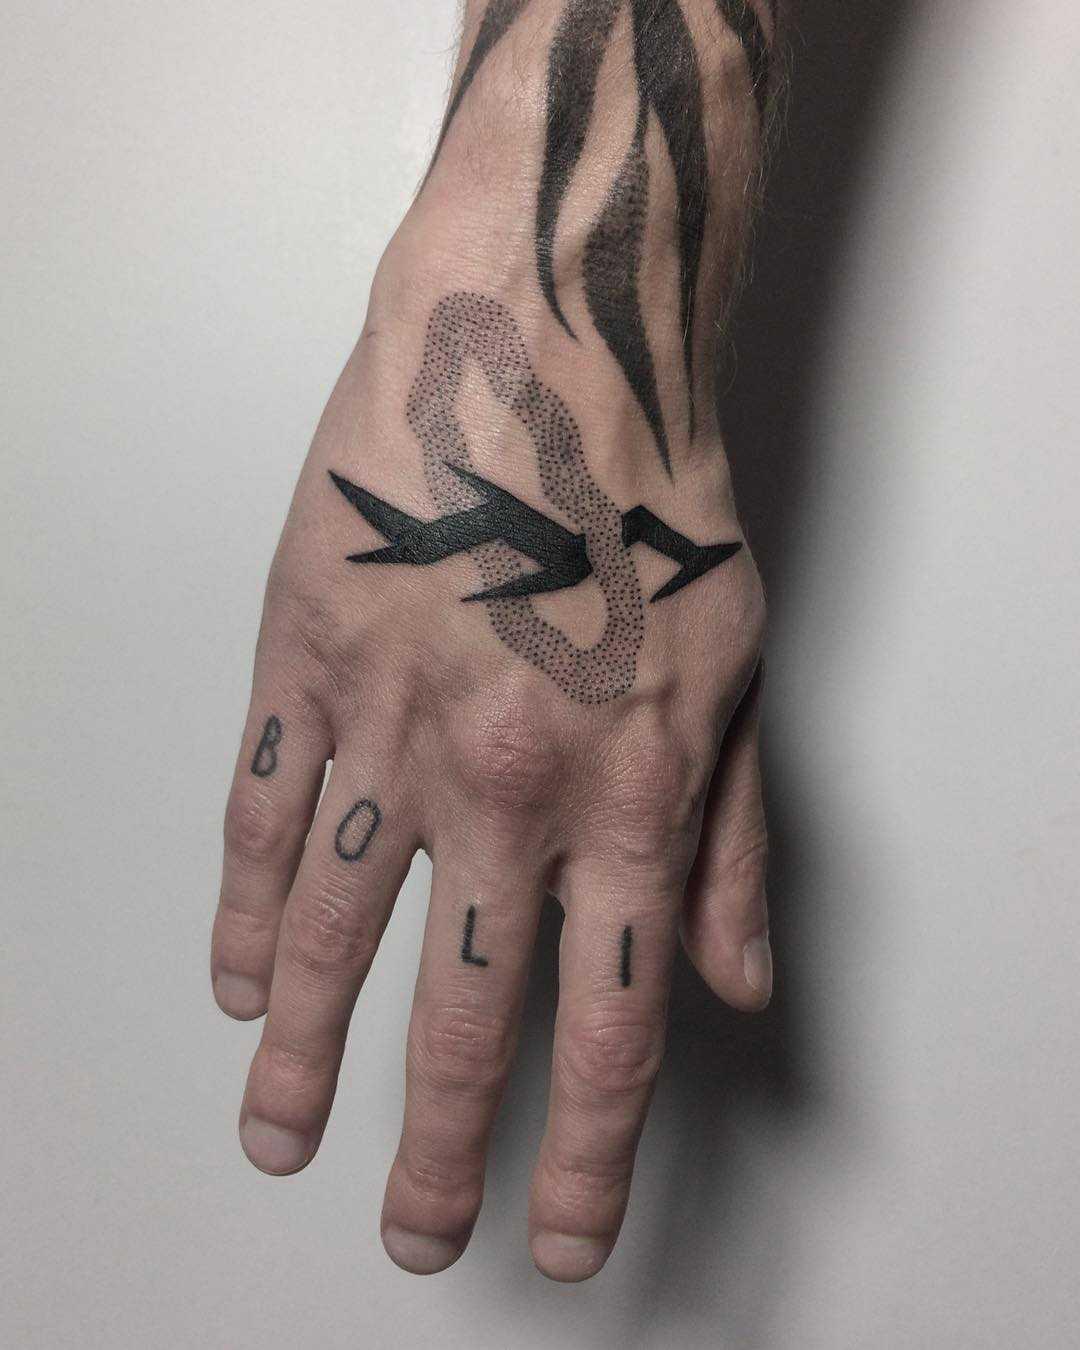 Black twig by @skrzyniarz_